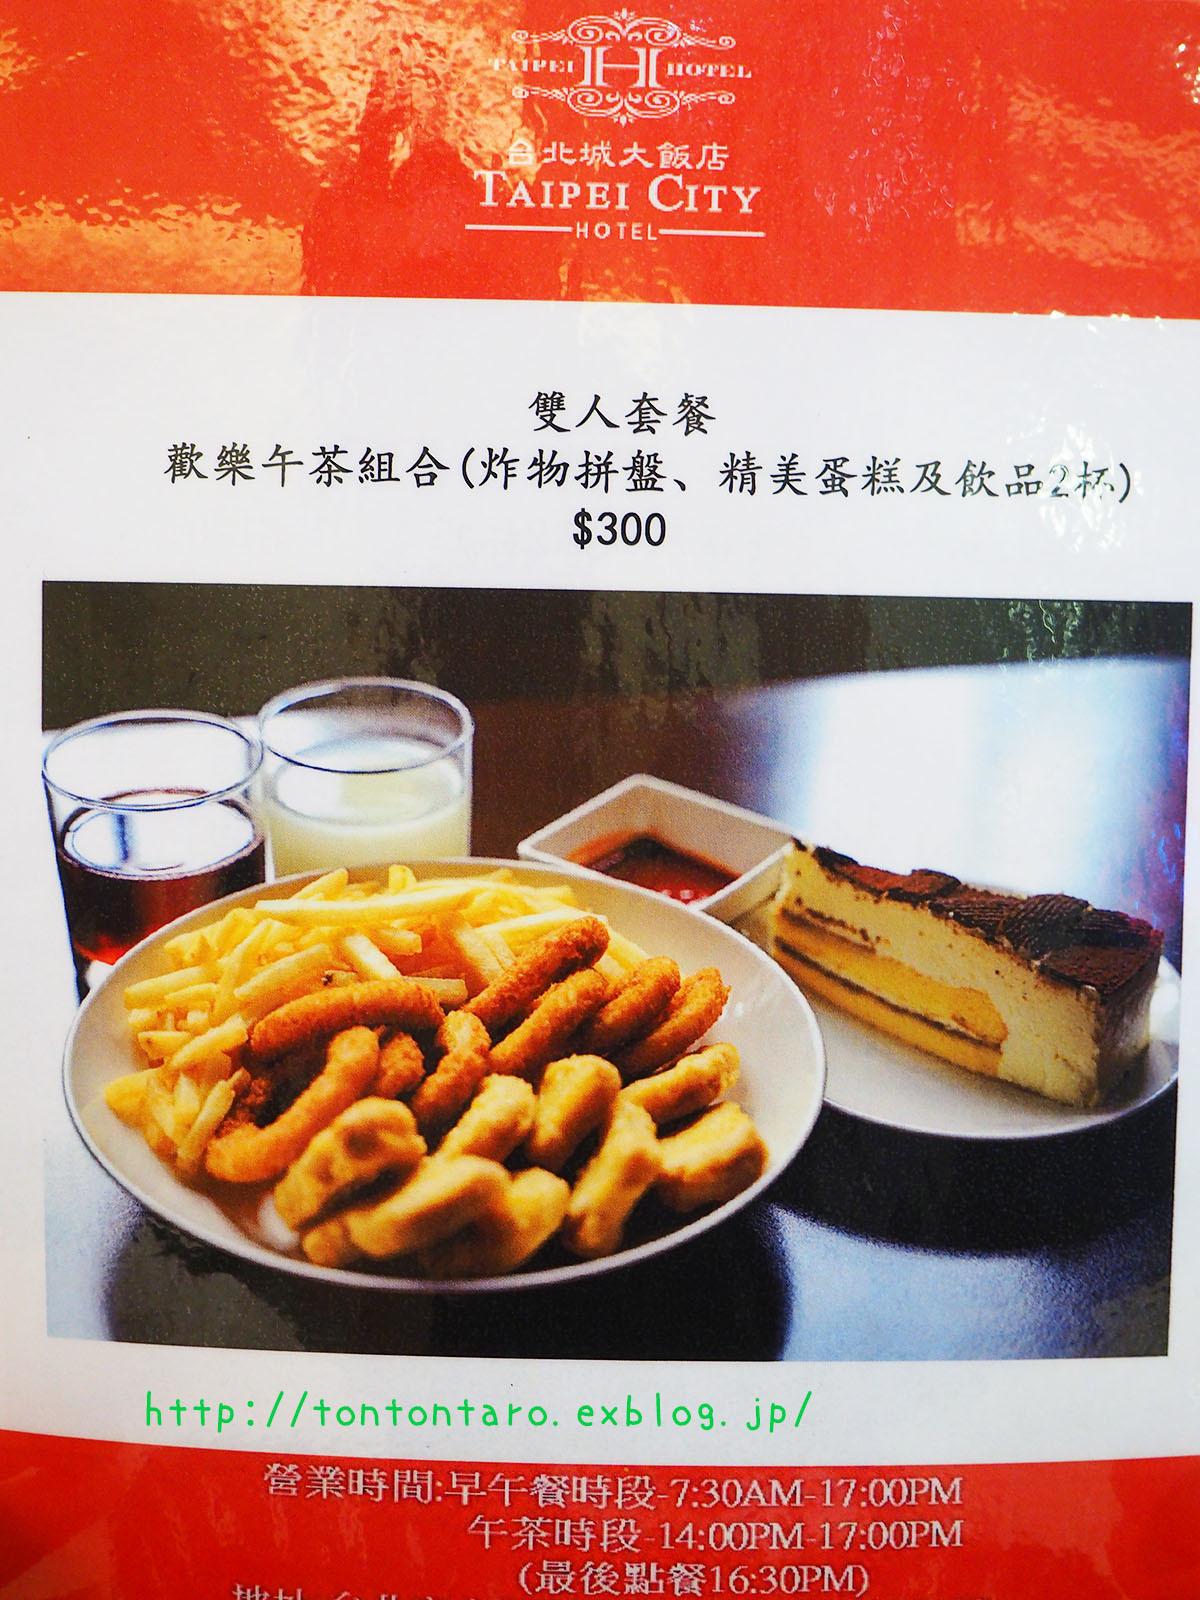 生まれ変わった台北城大飯店2樓、「大稻埕風味餐廳」のお値打ち感は異常(再び)_a0112888_04483526.jpg